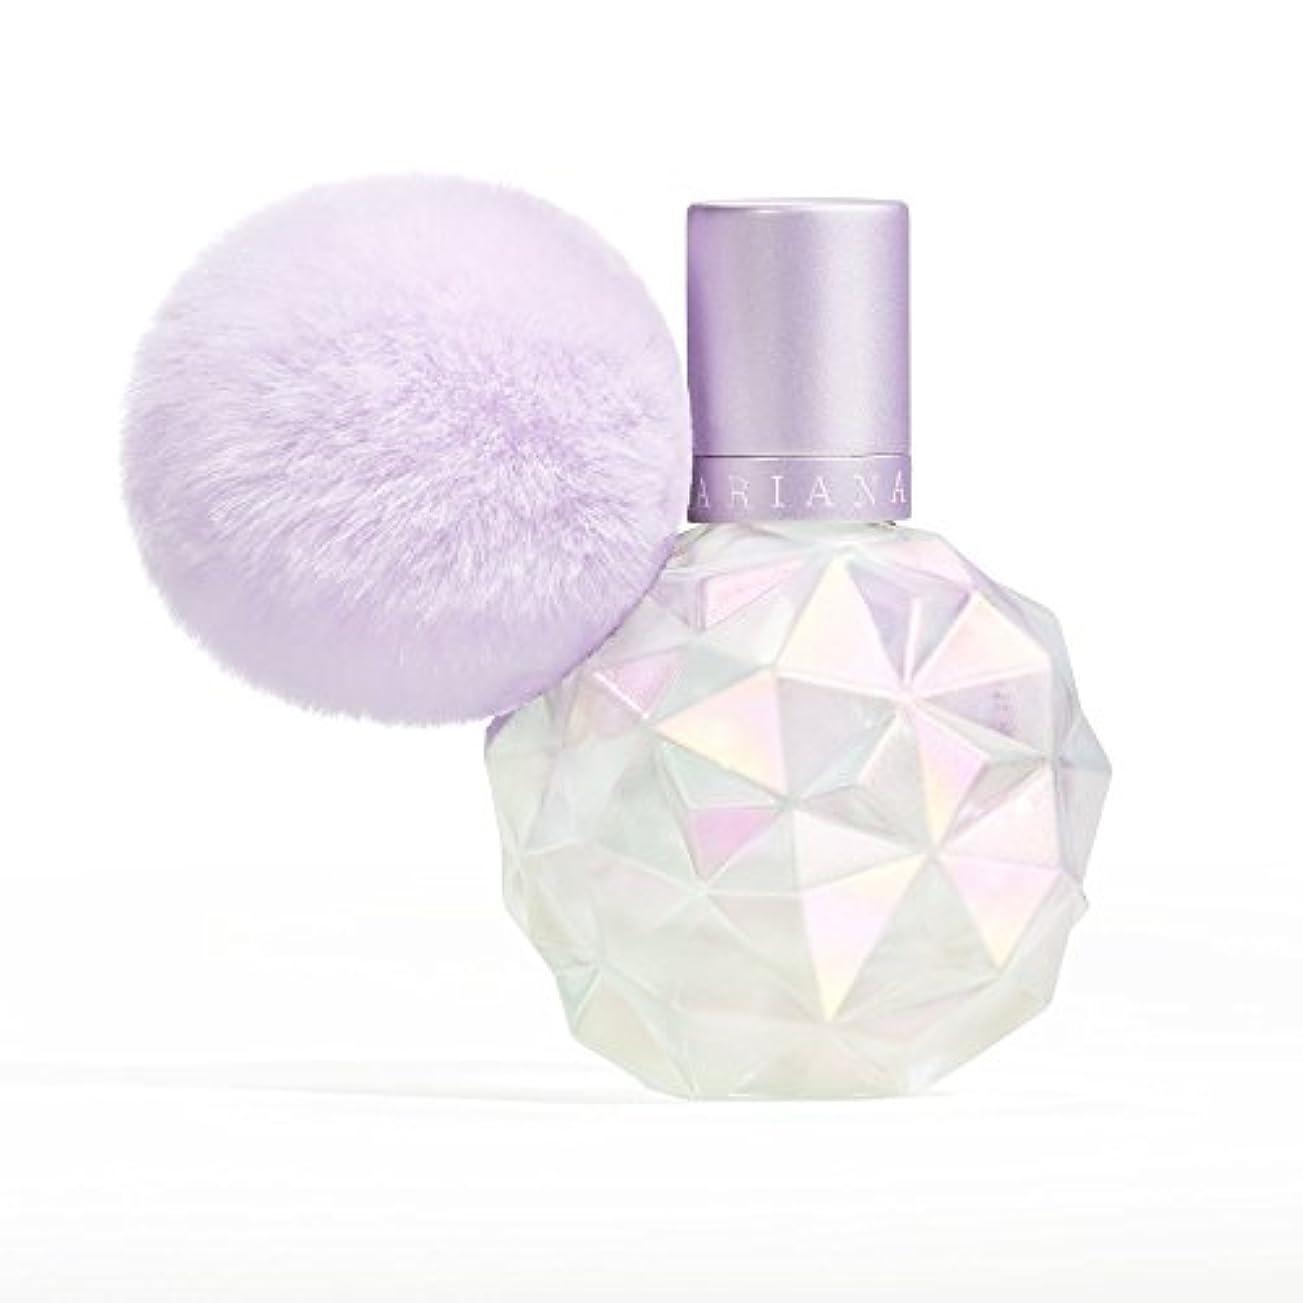 失速子孫ディスクAriana Grande Moonlight Women's Perfume(アリアナ グランデ ムーンライト パフューム) 30 ml